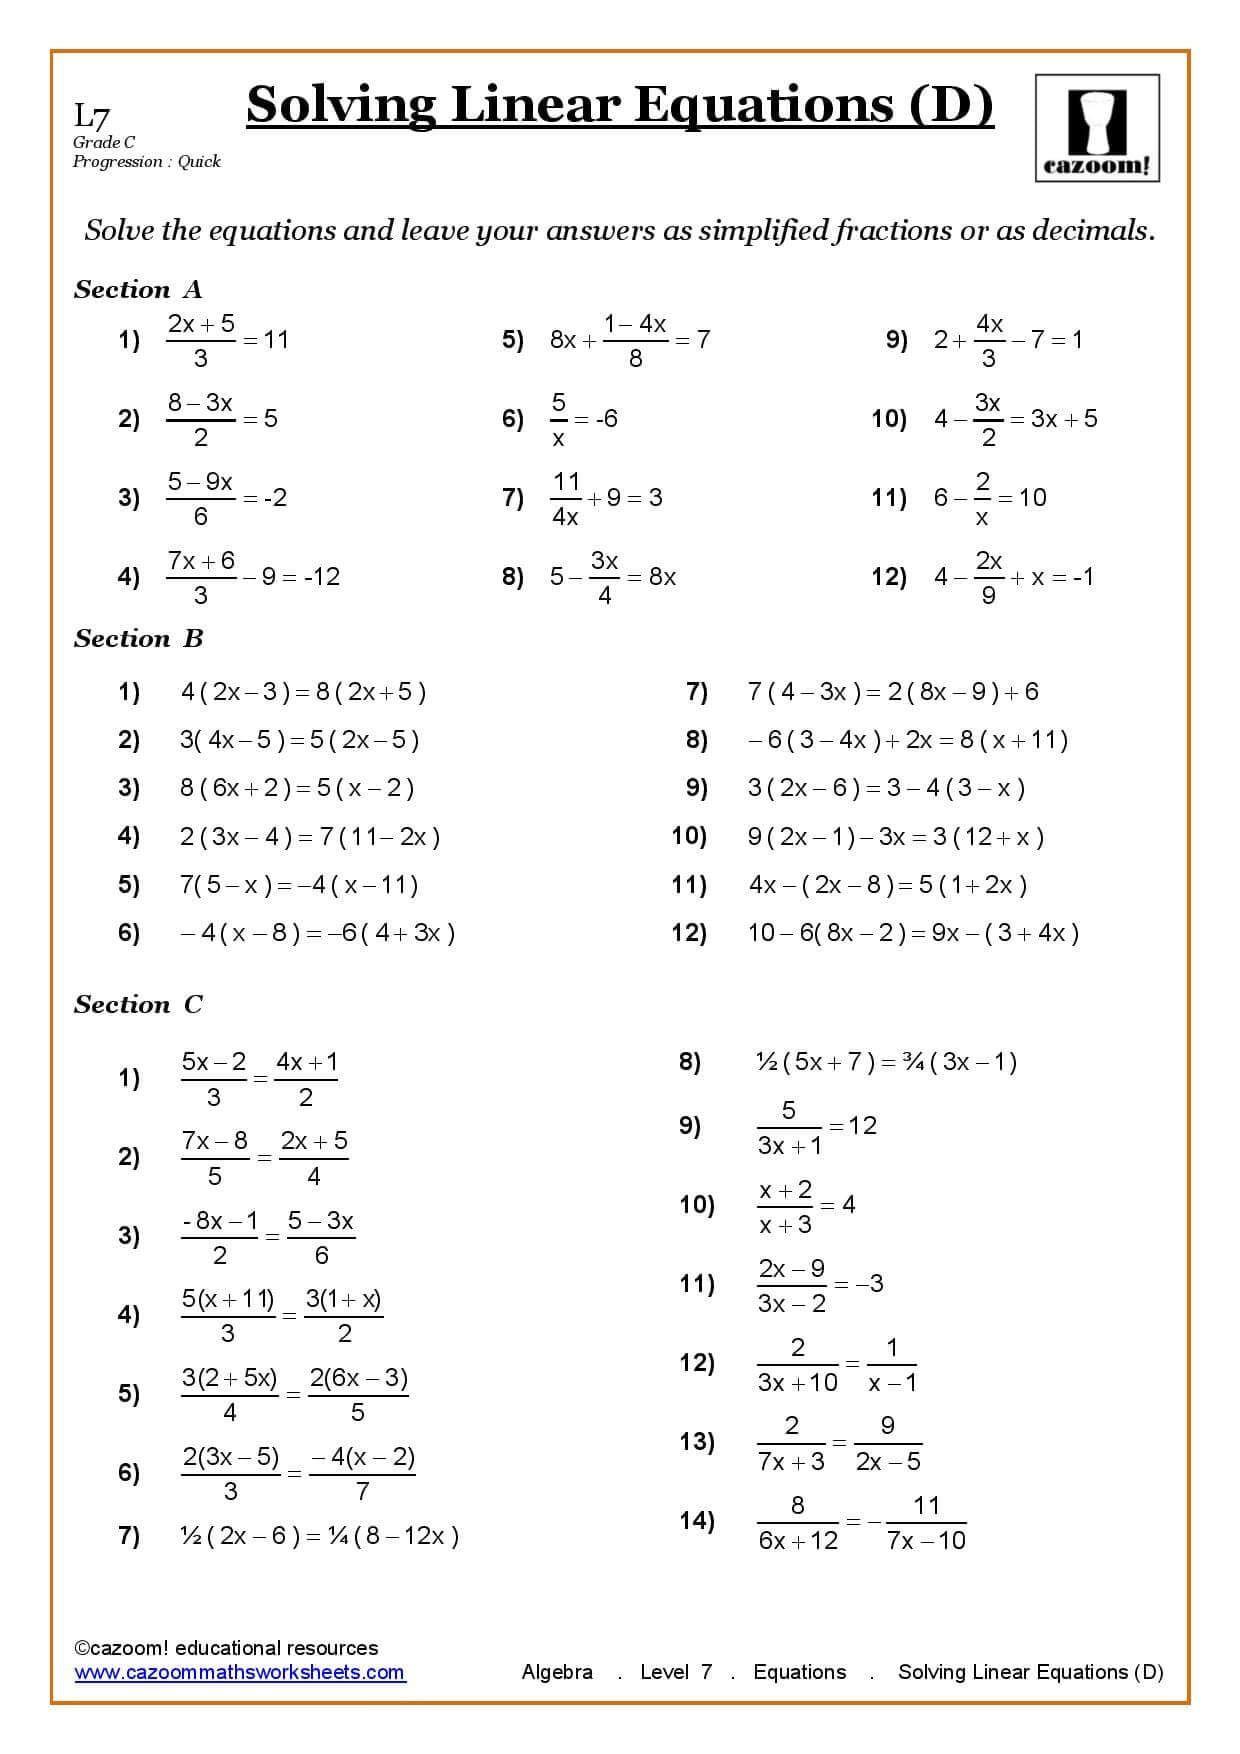 Solving Equations Worksheet Pdf